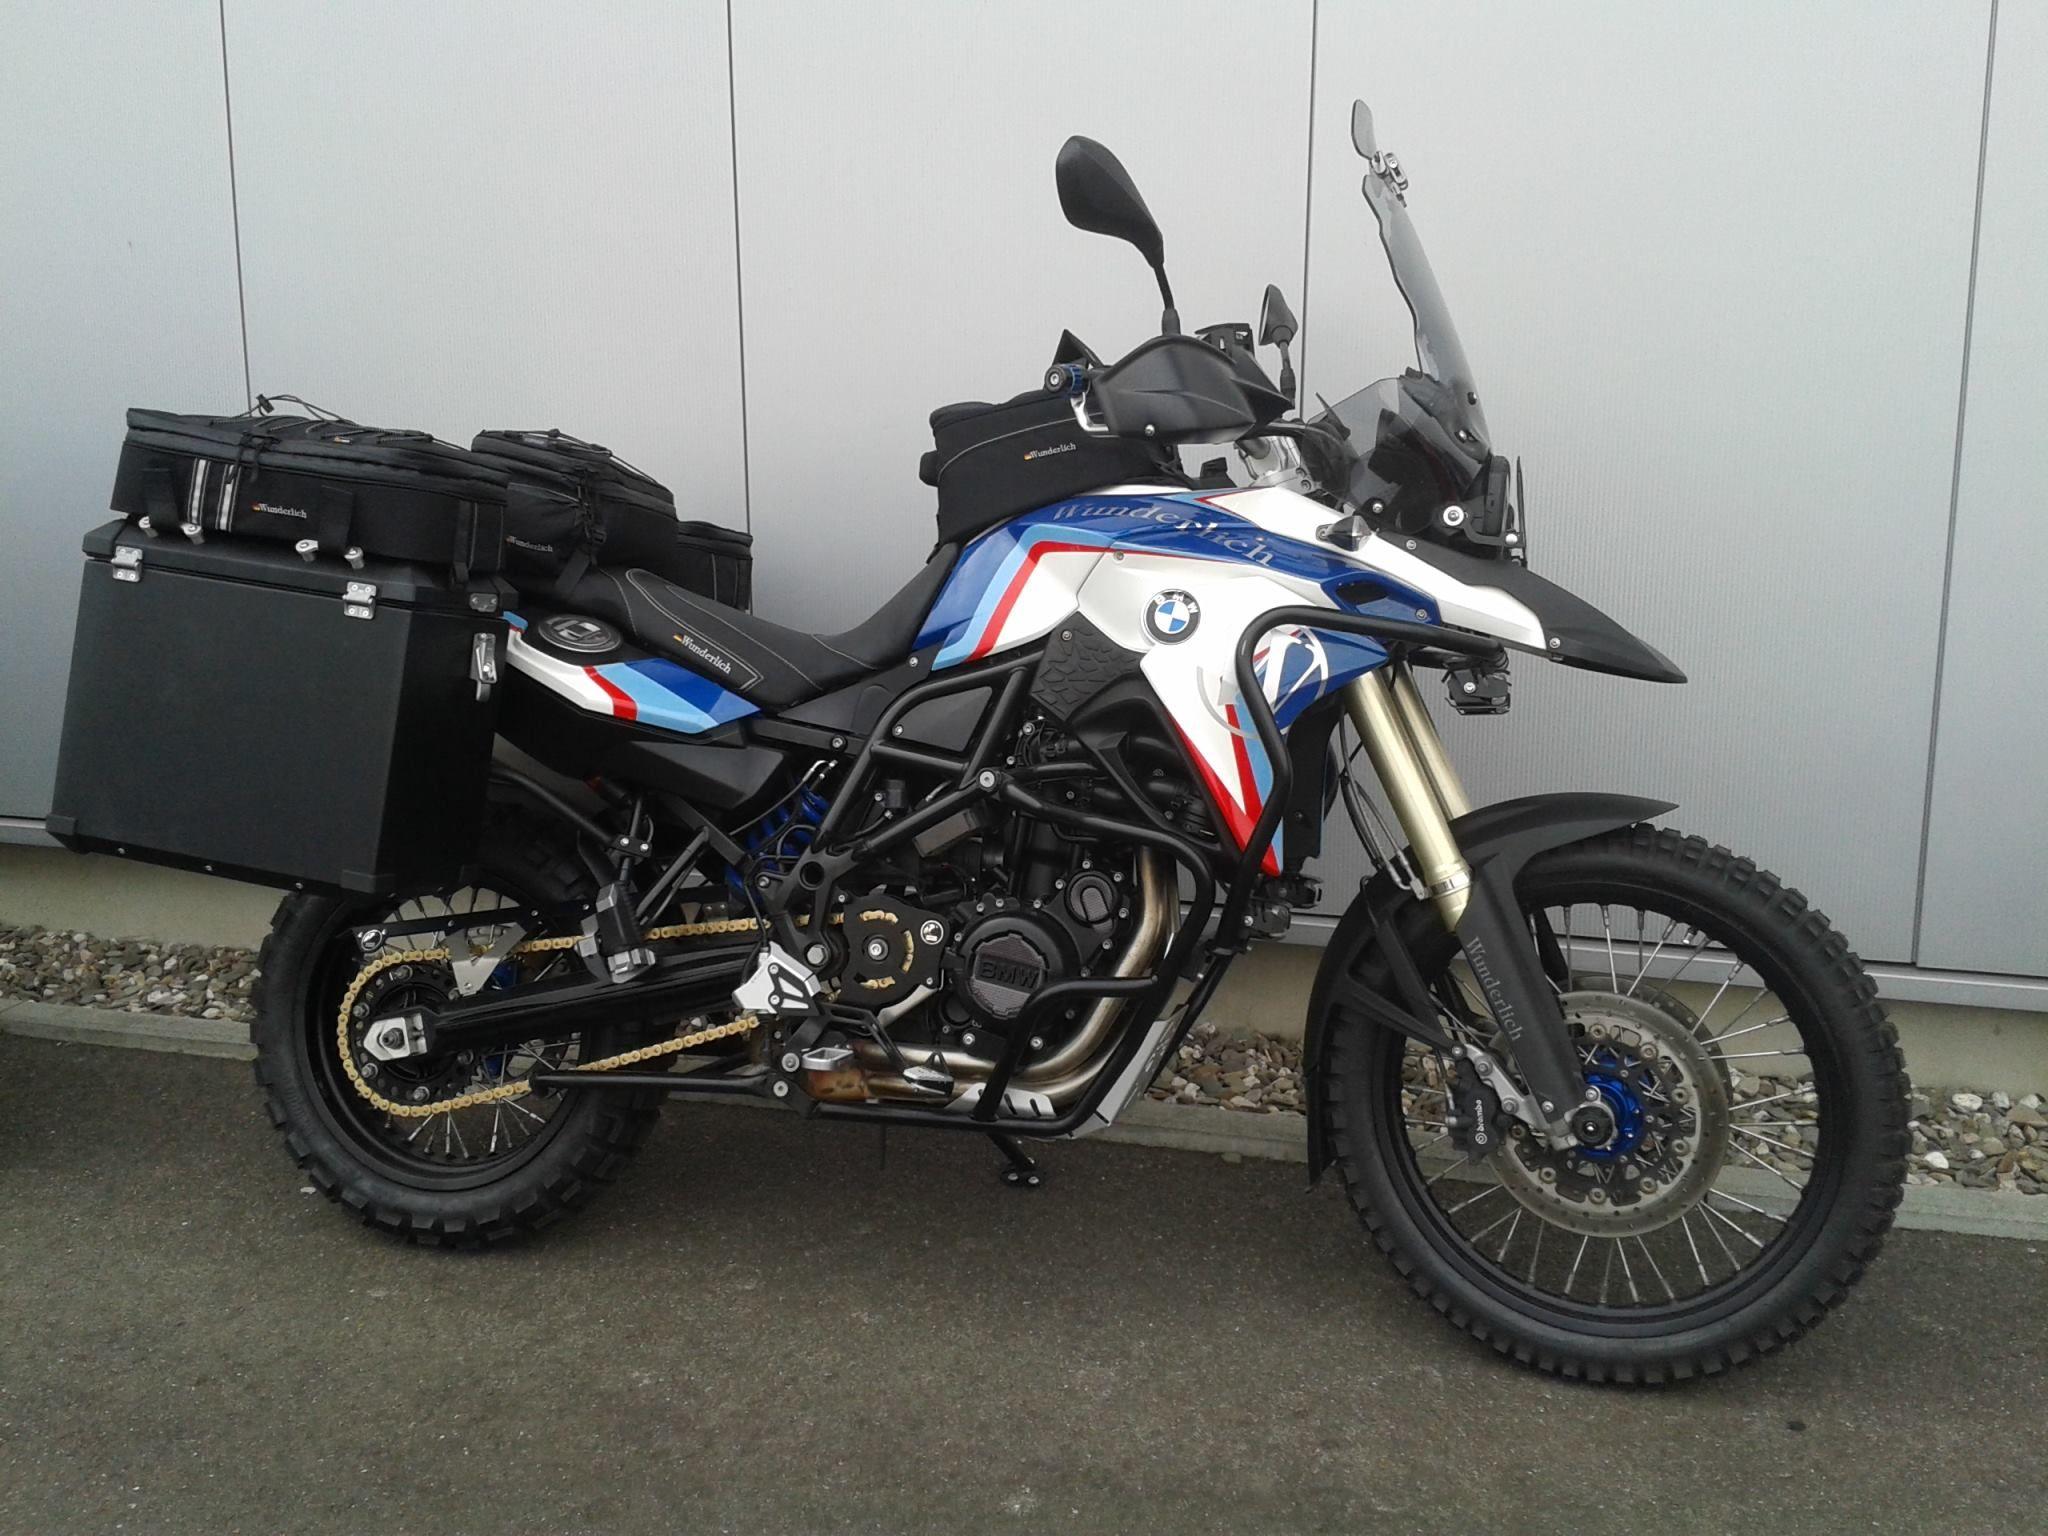 Bmw F800gs Custom Bmw Bmw Motorbikes Adventure Bike